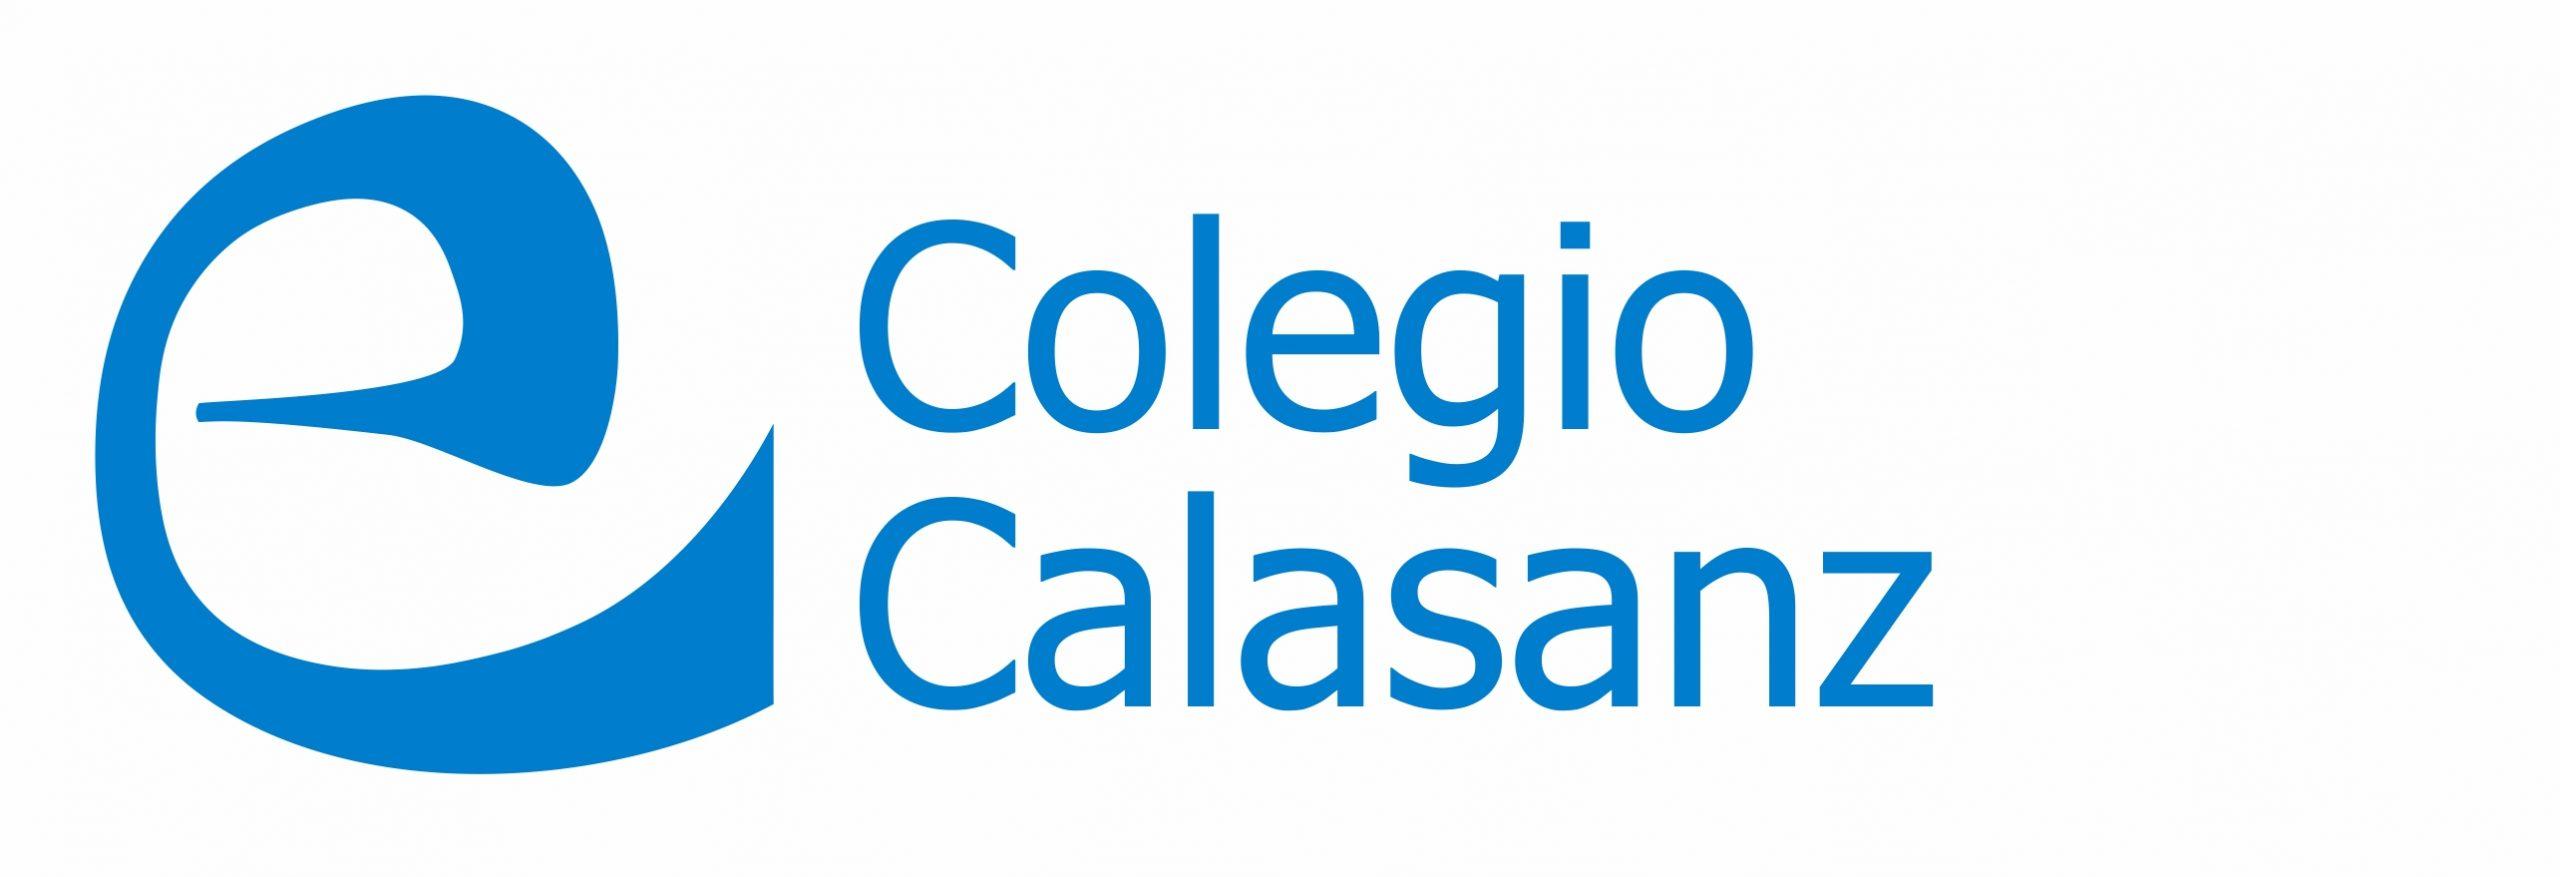 Colegio Calasanz Alcalá